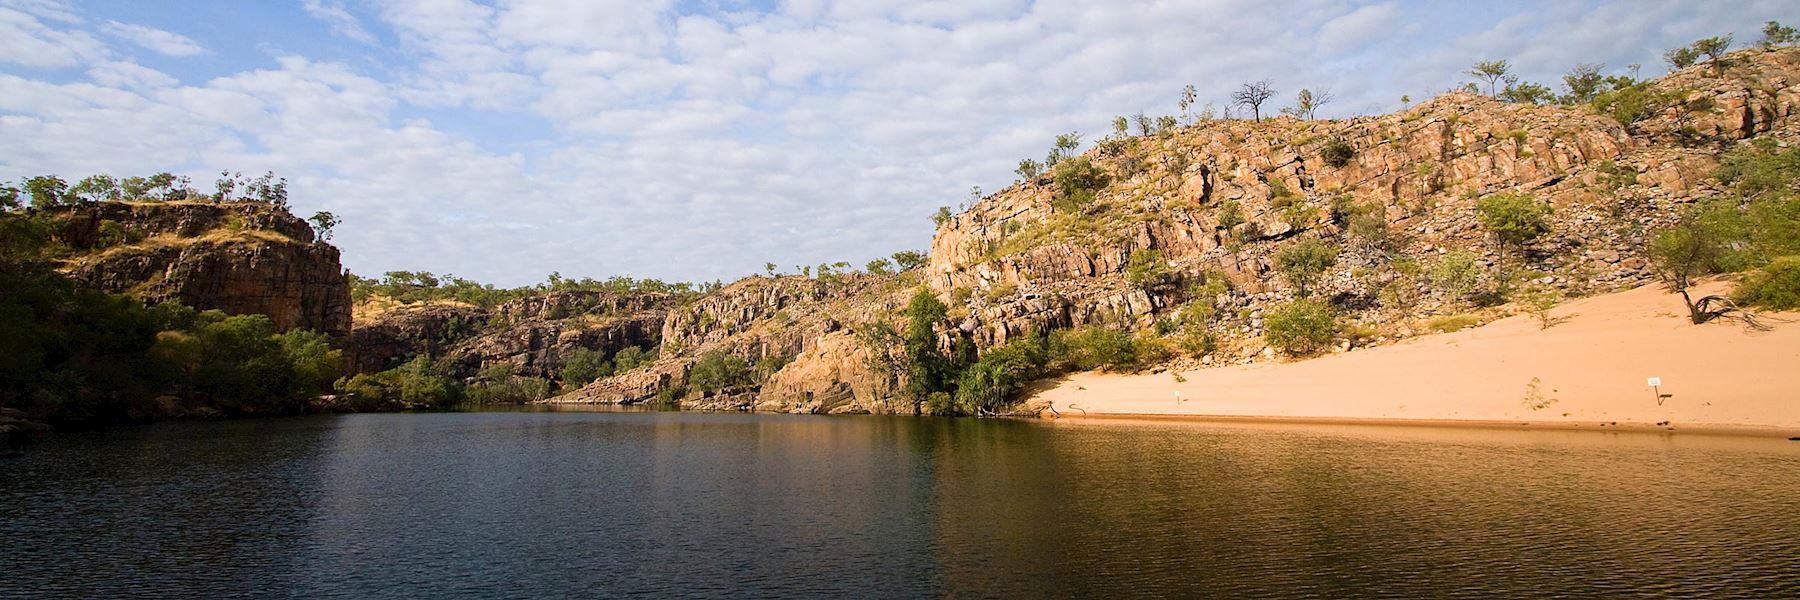 Visit Katherine, Australia